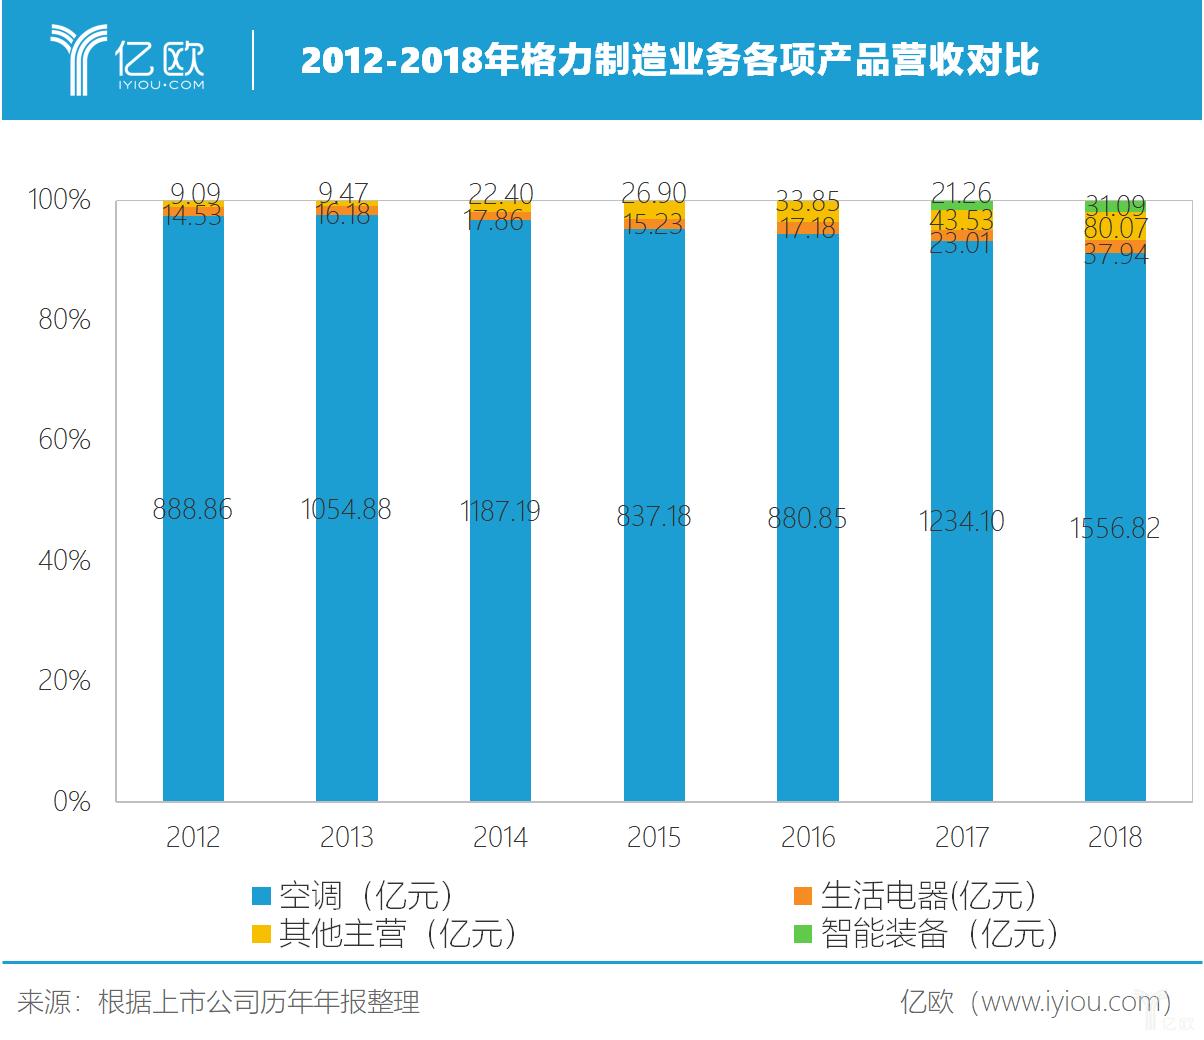 2012-1018年格力制造业务各项产品营收对比